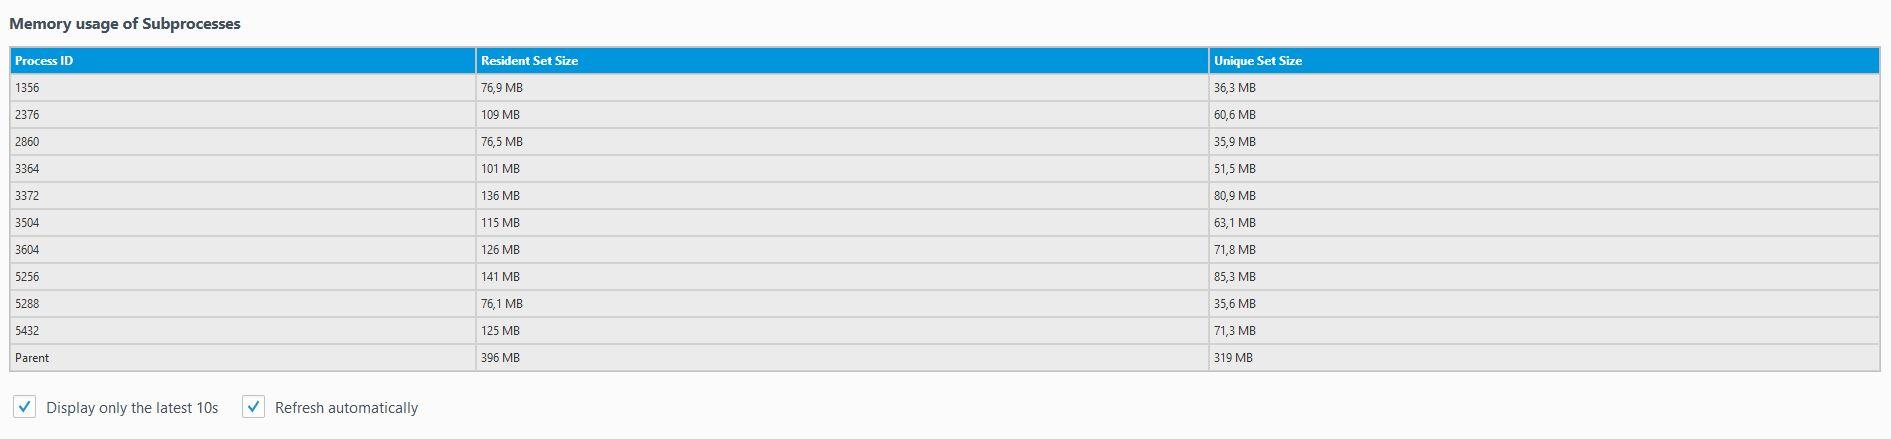 Klicke auf die Grafik für eine größere Ansicht  Name:20170214_firefox_about_performance_memory_usage_subprocesses.jpg Hits:154 Größe:49,9 KB ID:607768